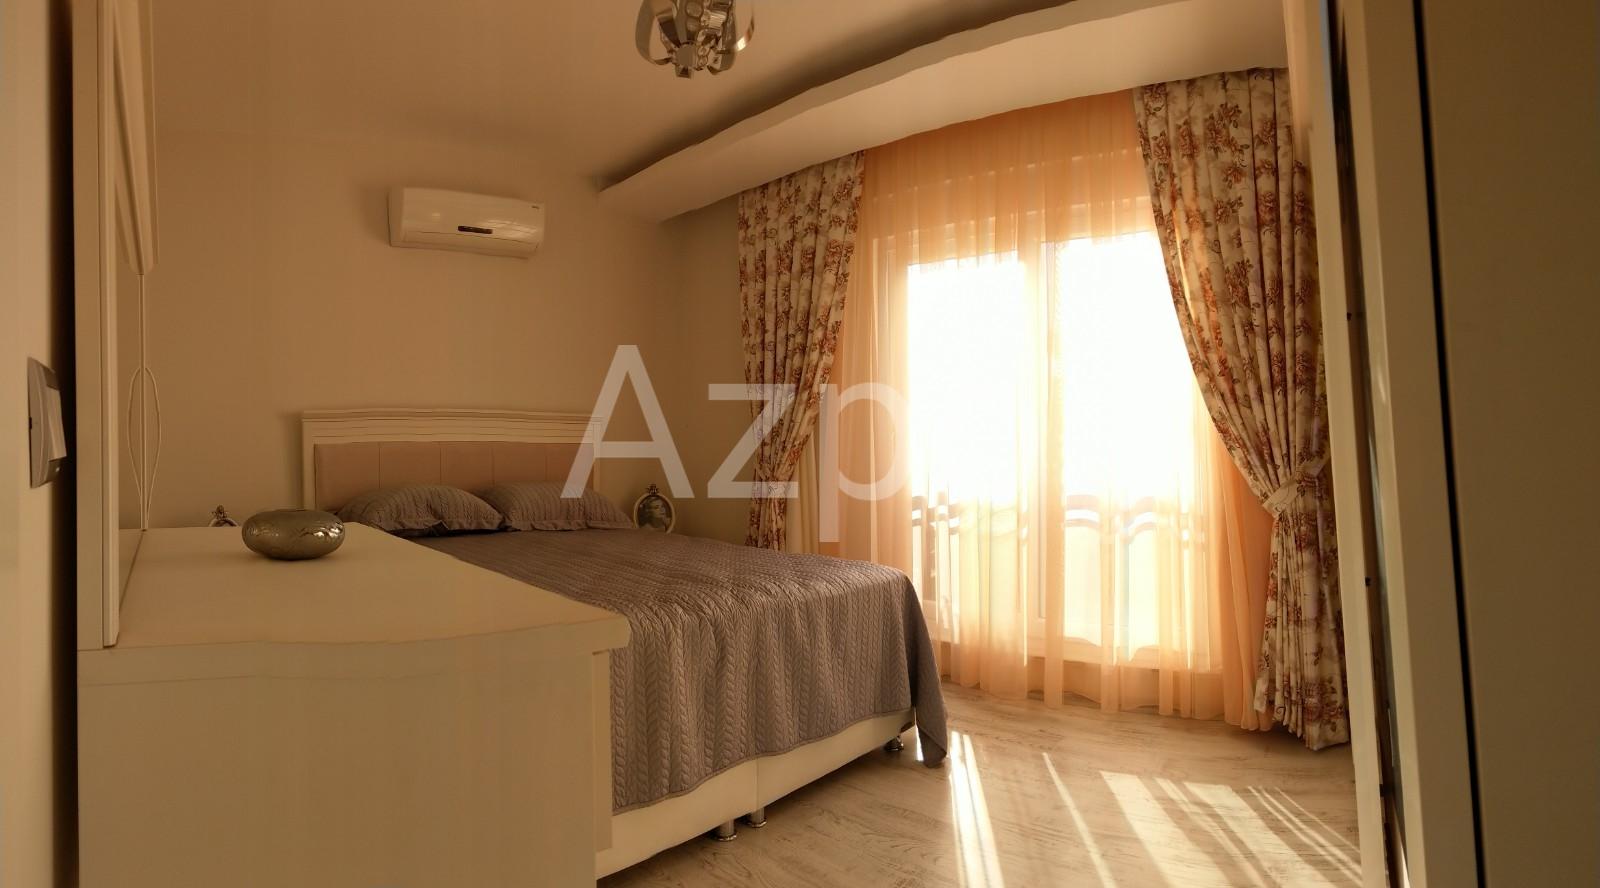 Квартиры 1+1 и 3+1 с газом в районе Хурма Коньяалты Анталия - Фото 20